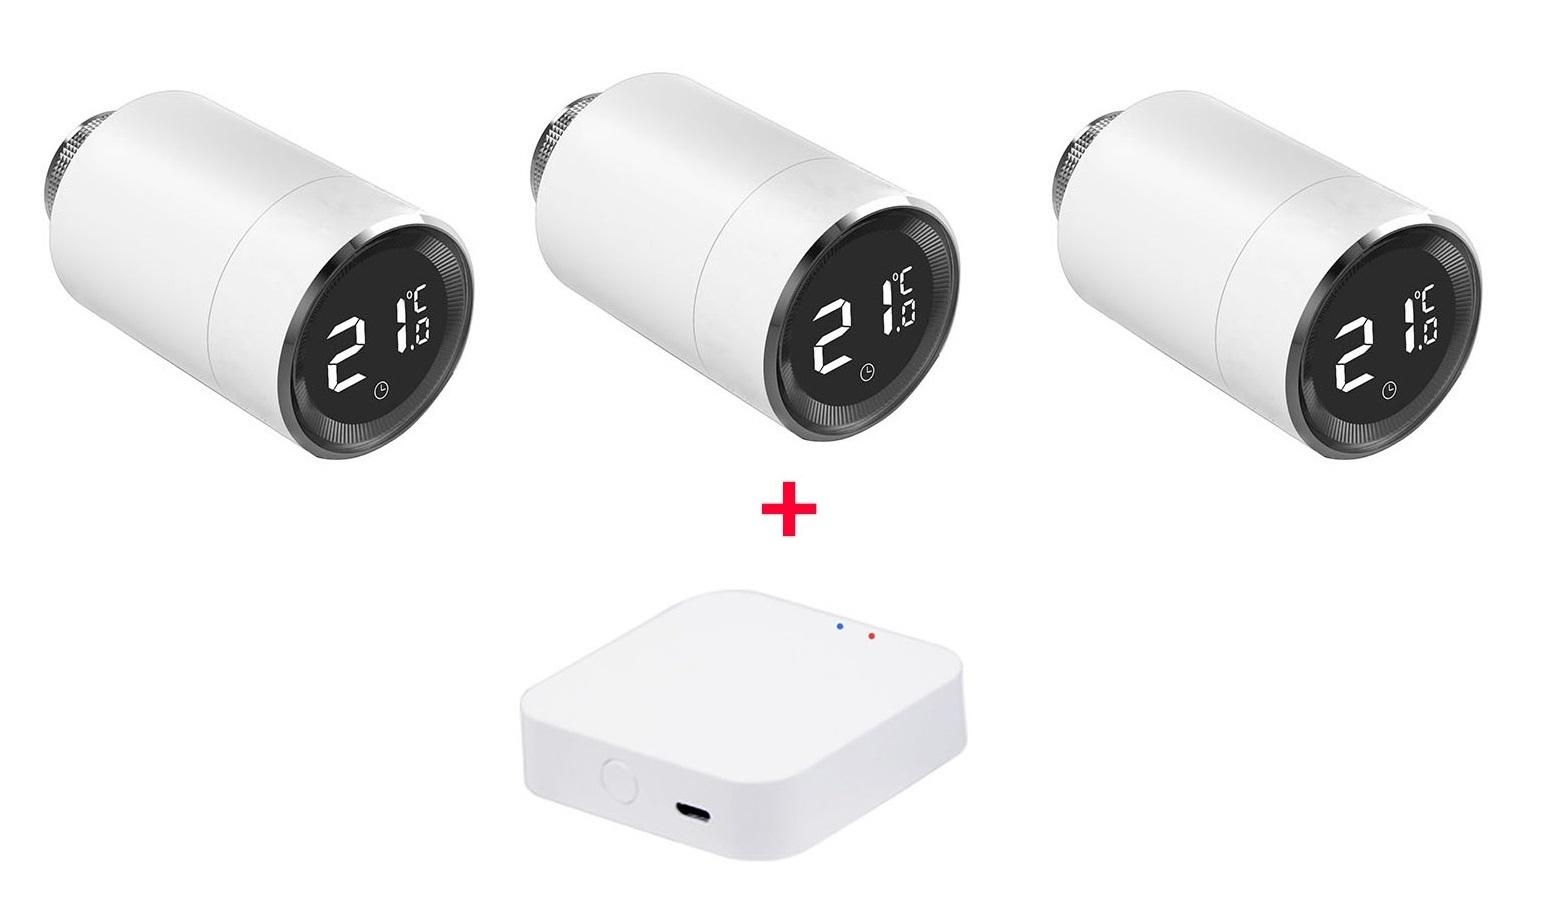 Умный дом:  Комплект термоконтроль - контроллер (шлюз) Tervix Zigbee Gateway и 3 беспроводные радиаторные термоголовки Tervix EVA - 11